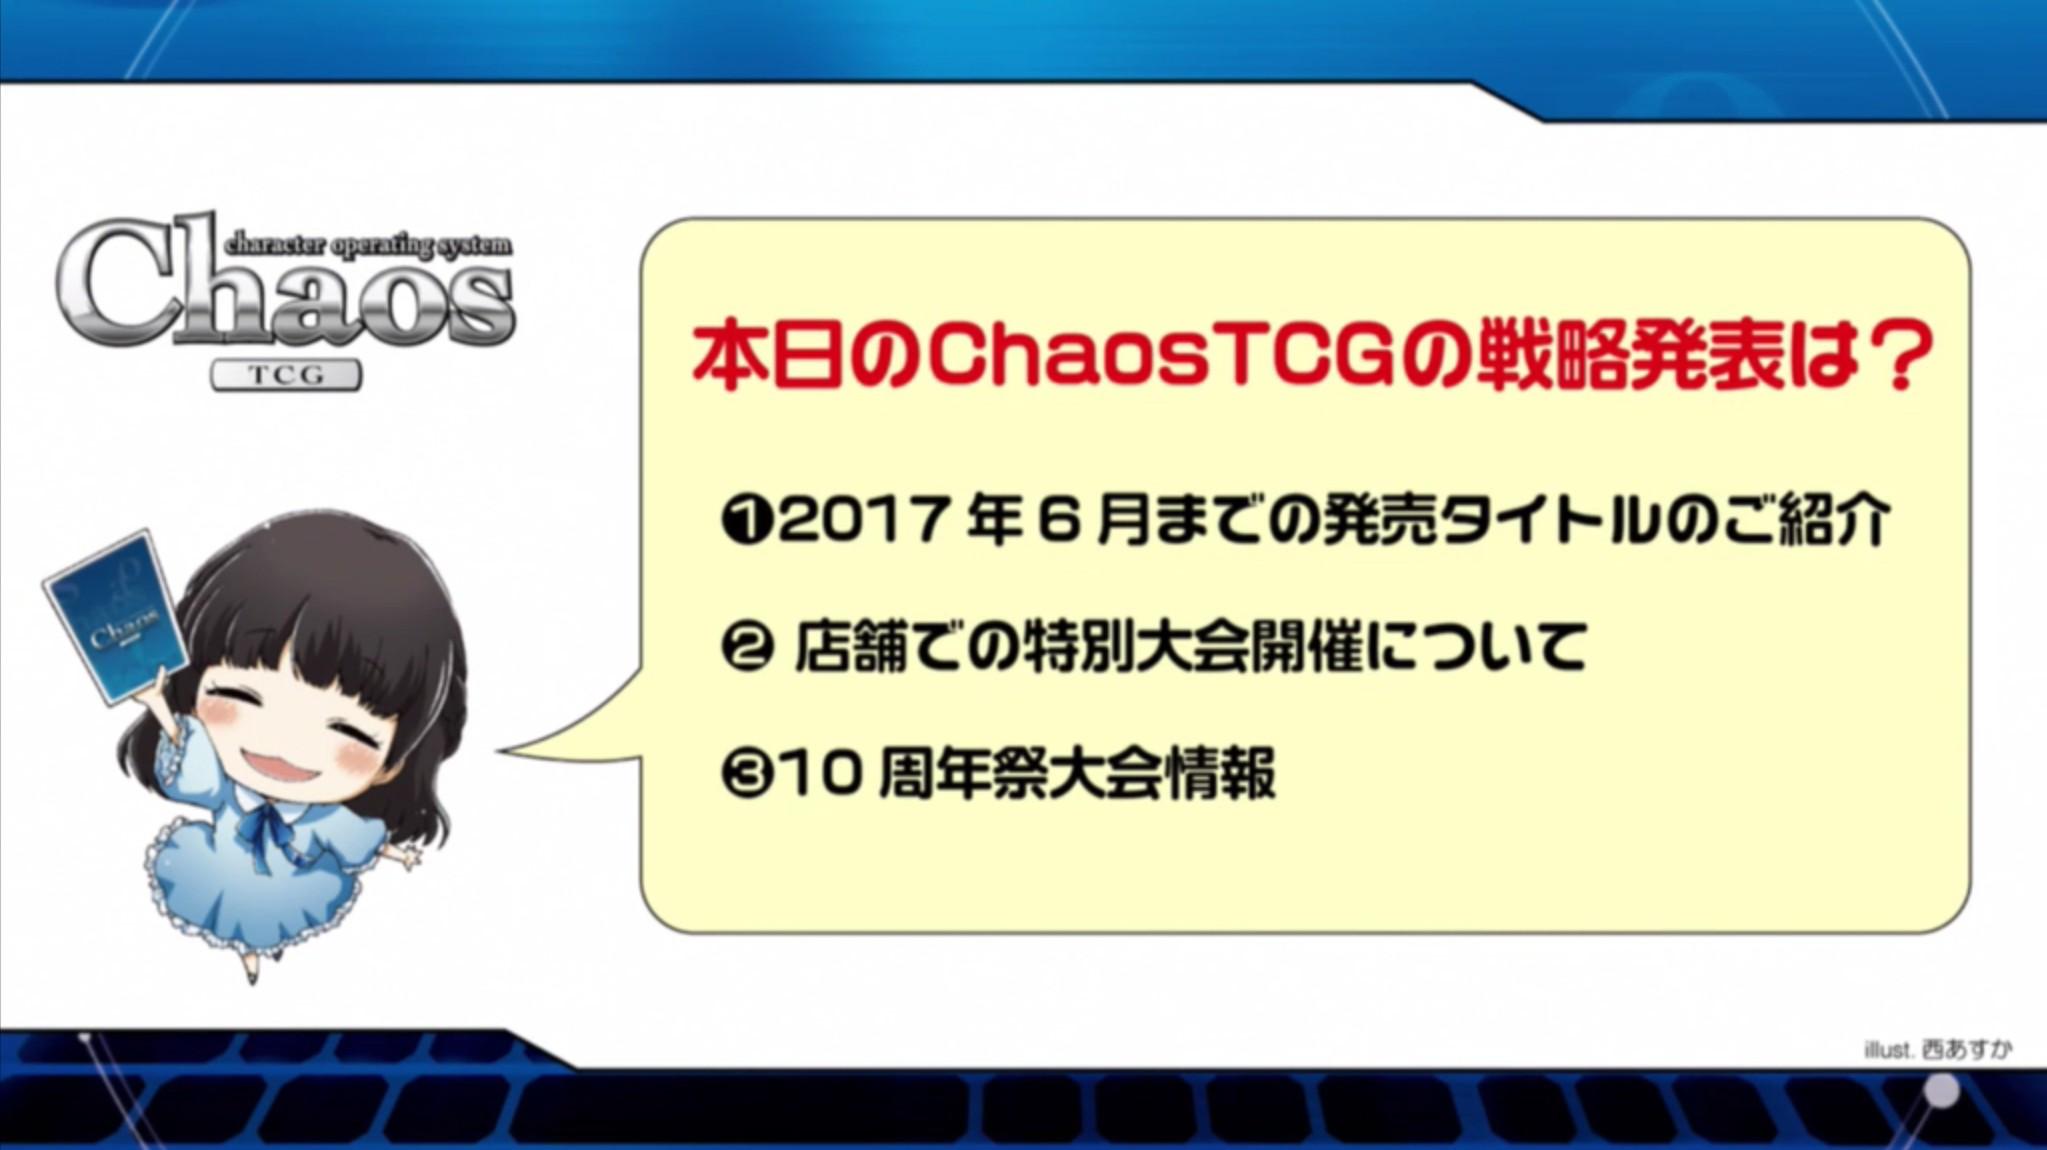 bshi-live-170130-chaos-000.jpg